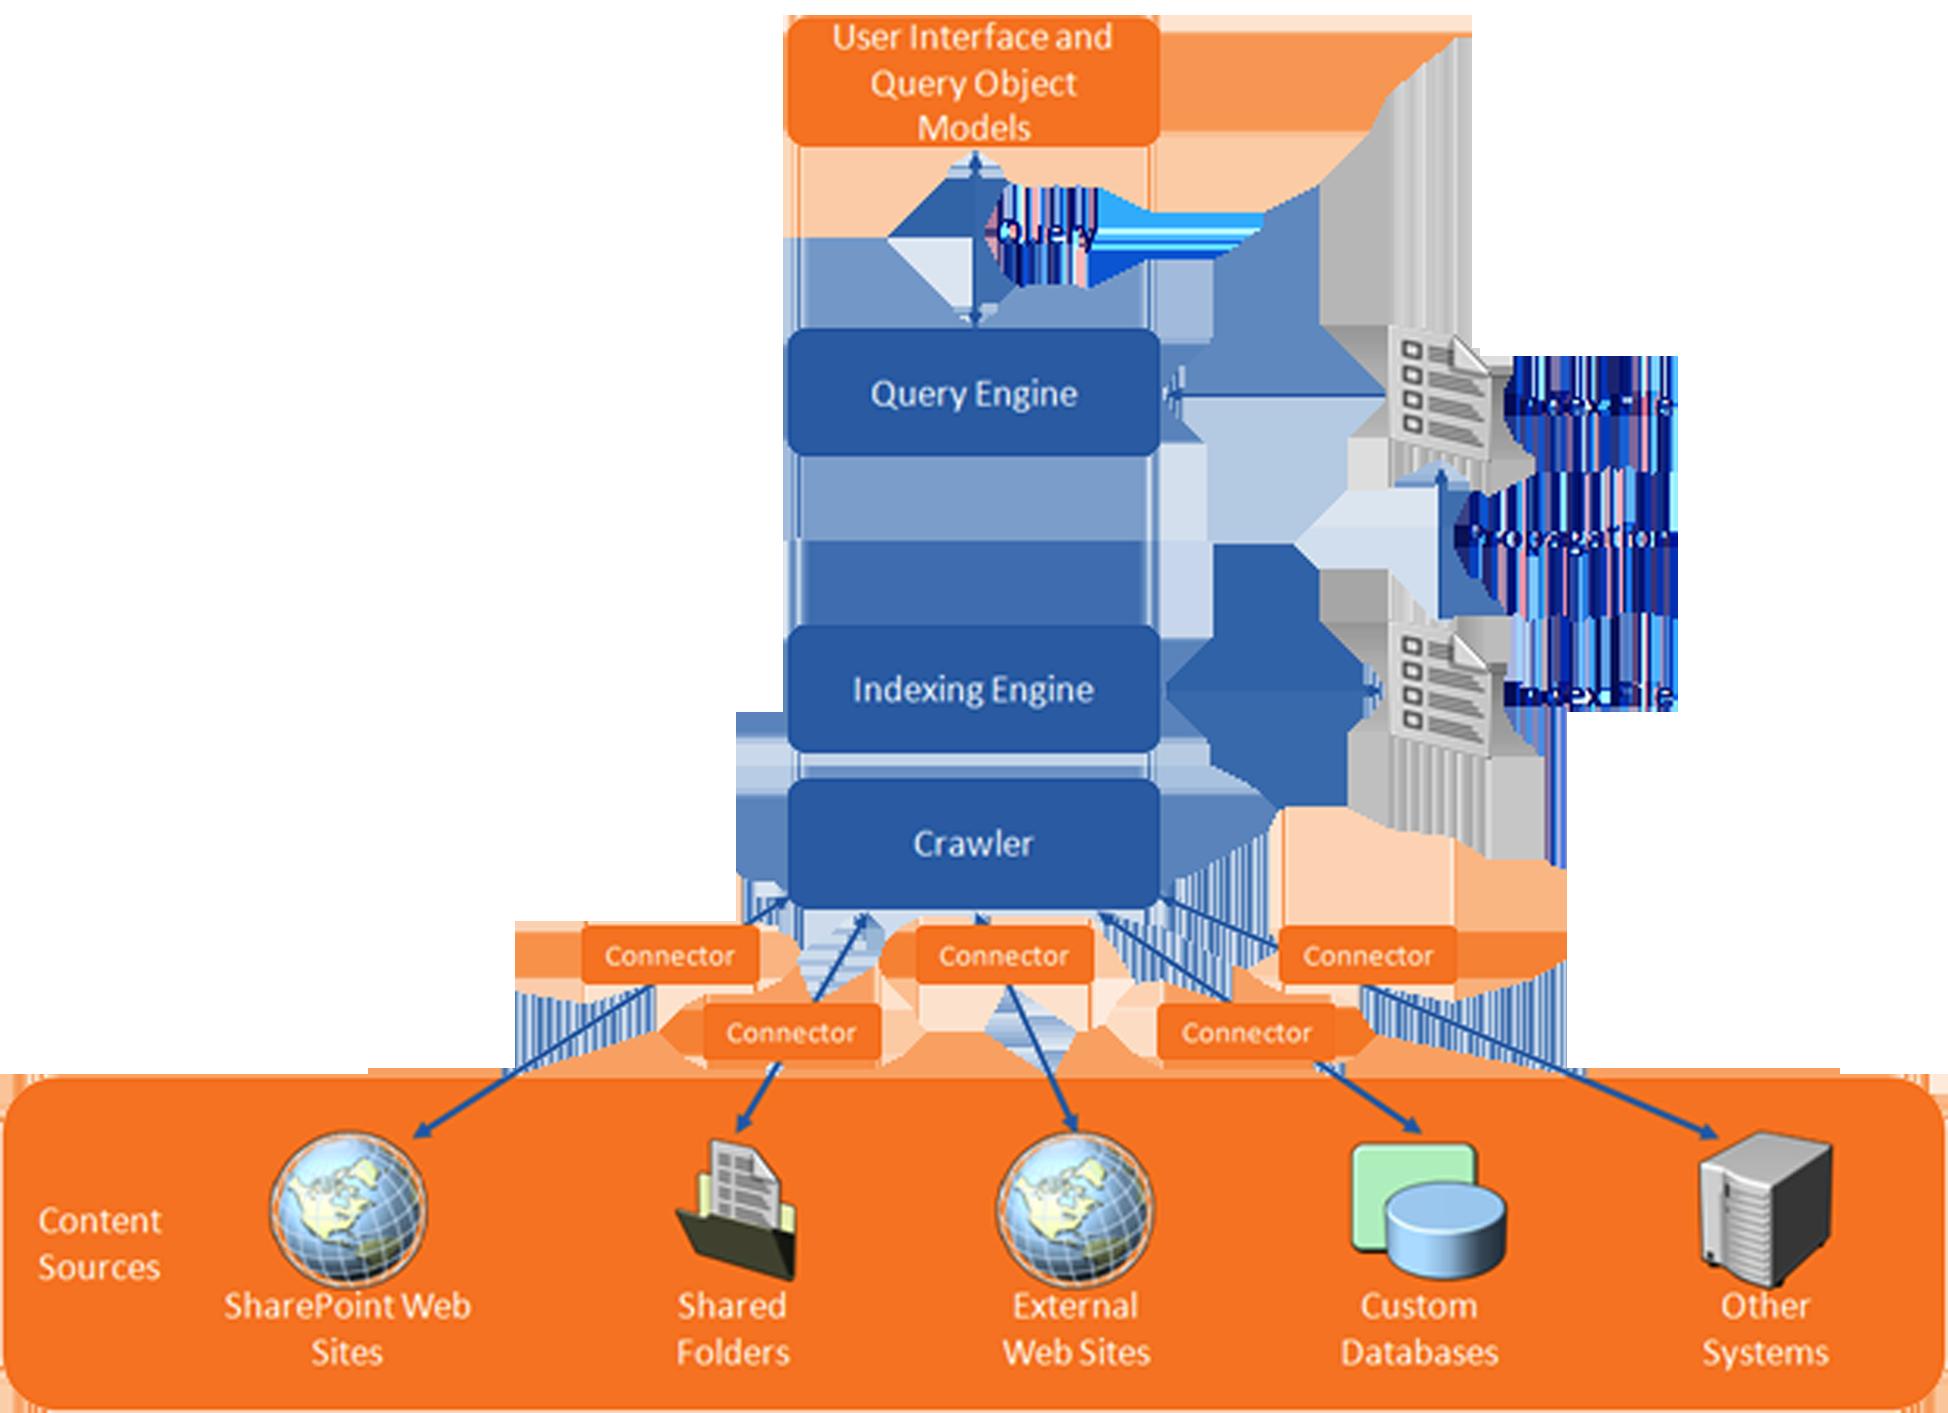 جستجوی پیشرفته محتویات دیجیتال در سازمان